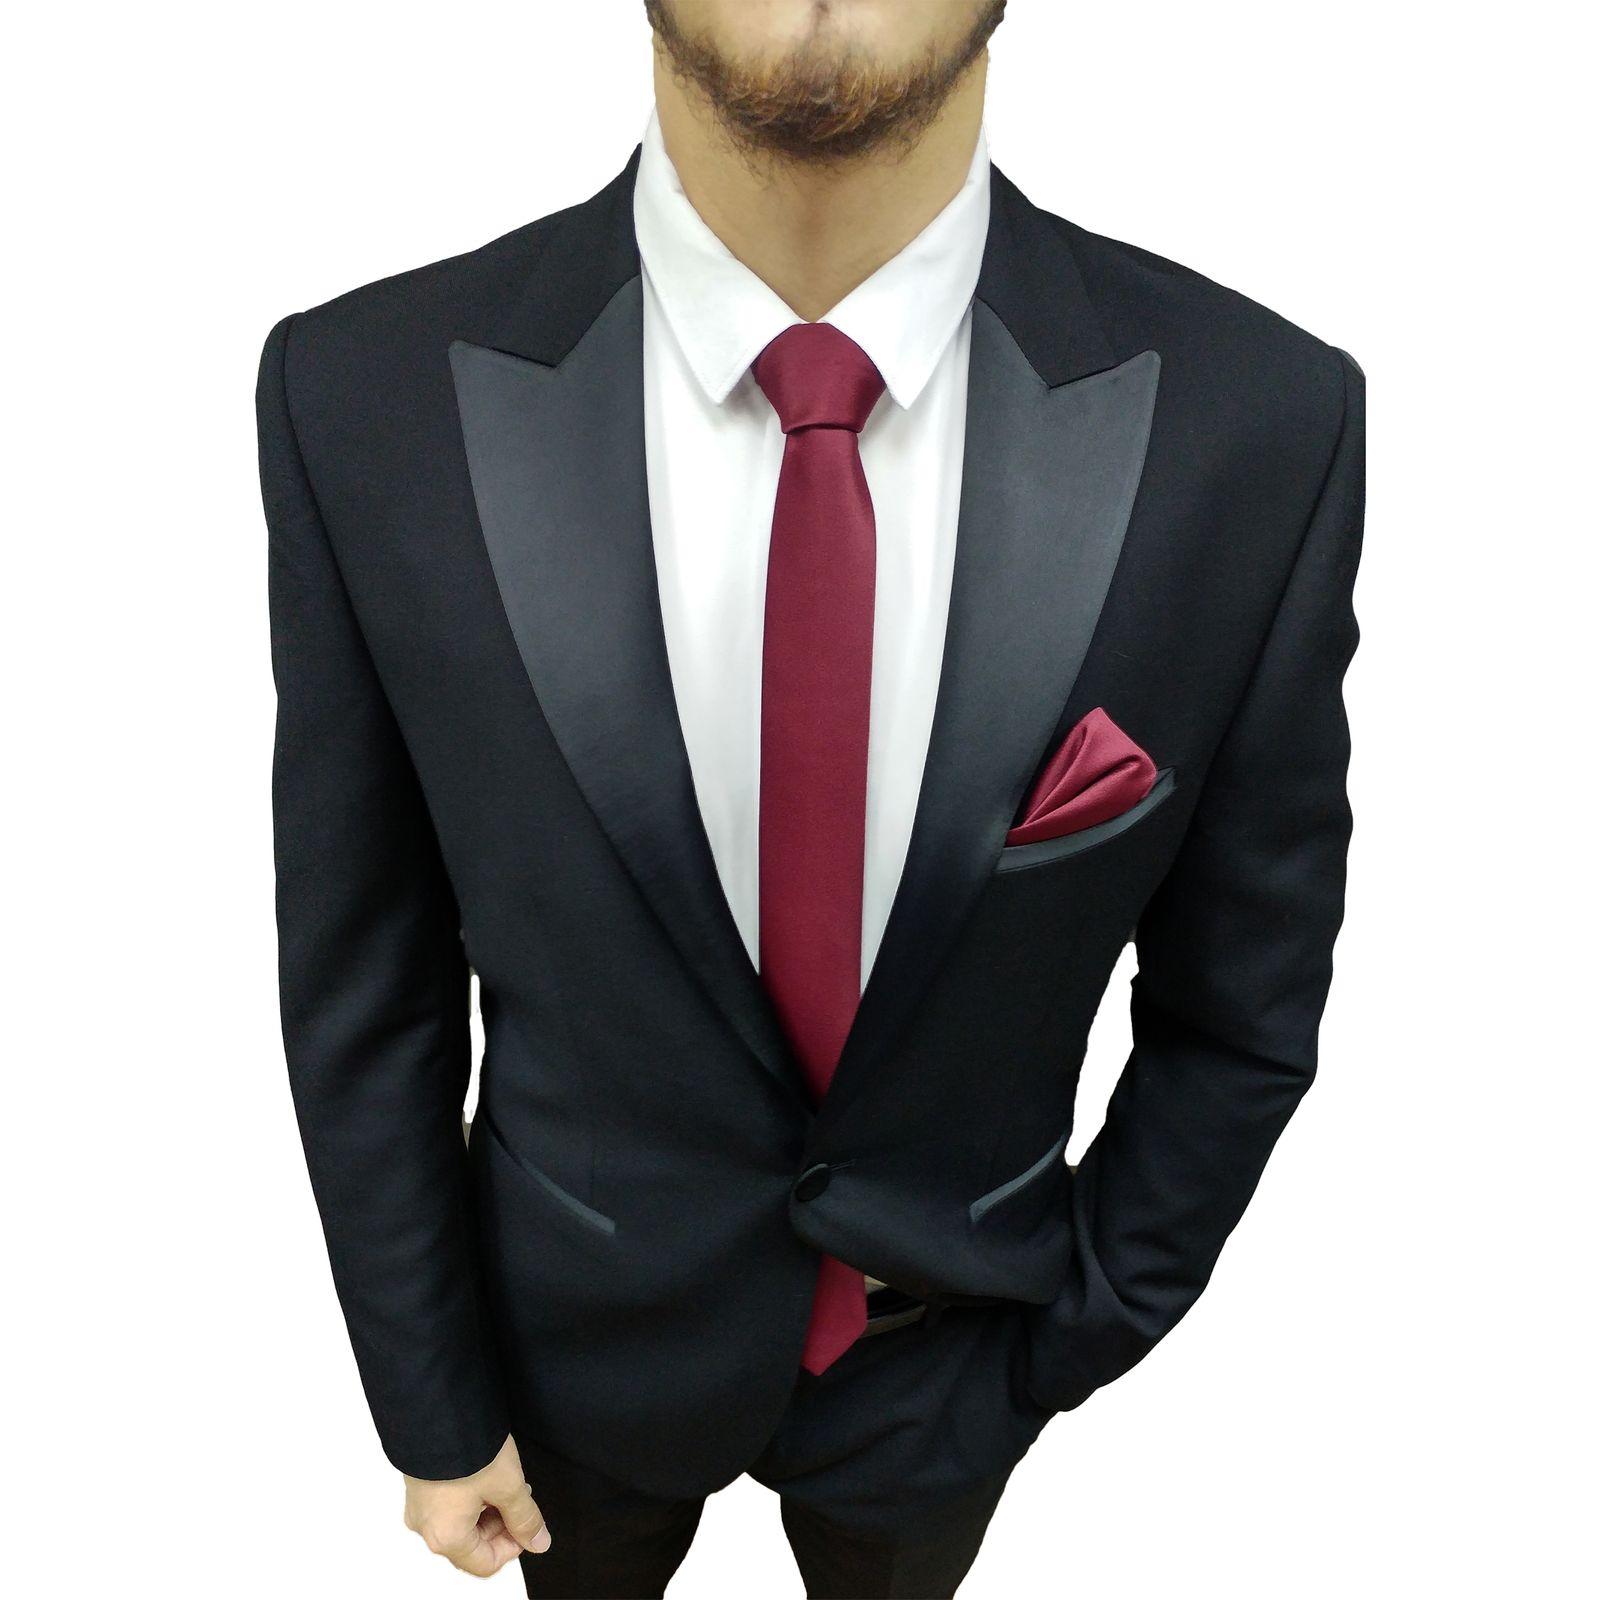 ست کراوات و پاپیون مردانه کد G -  - 3